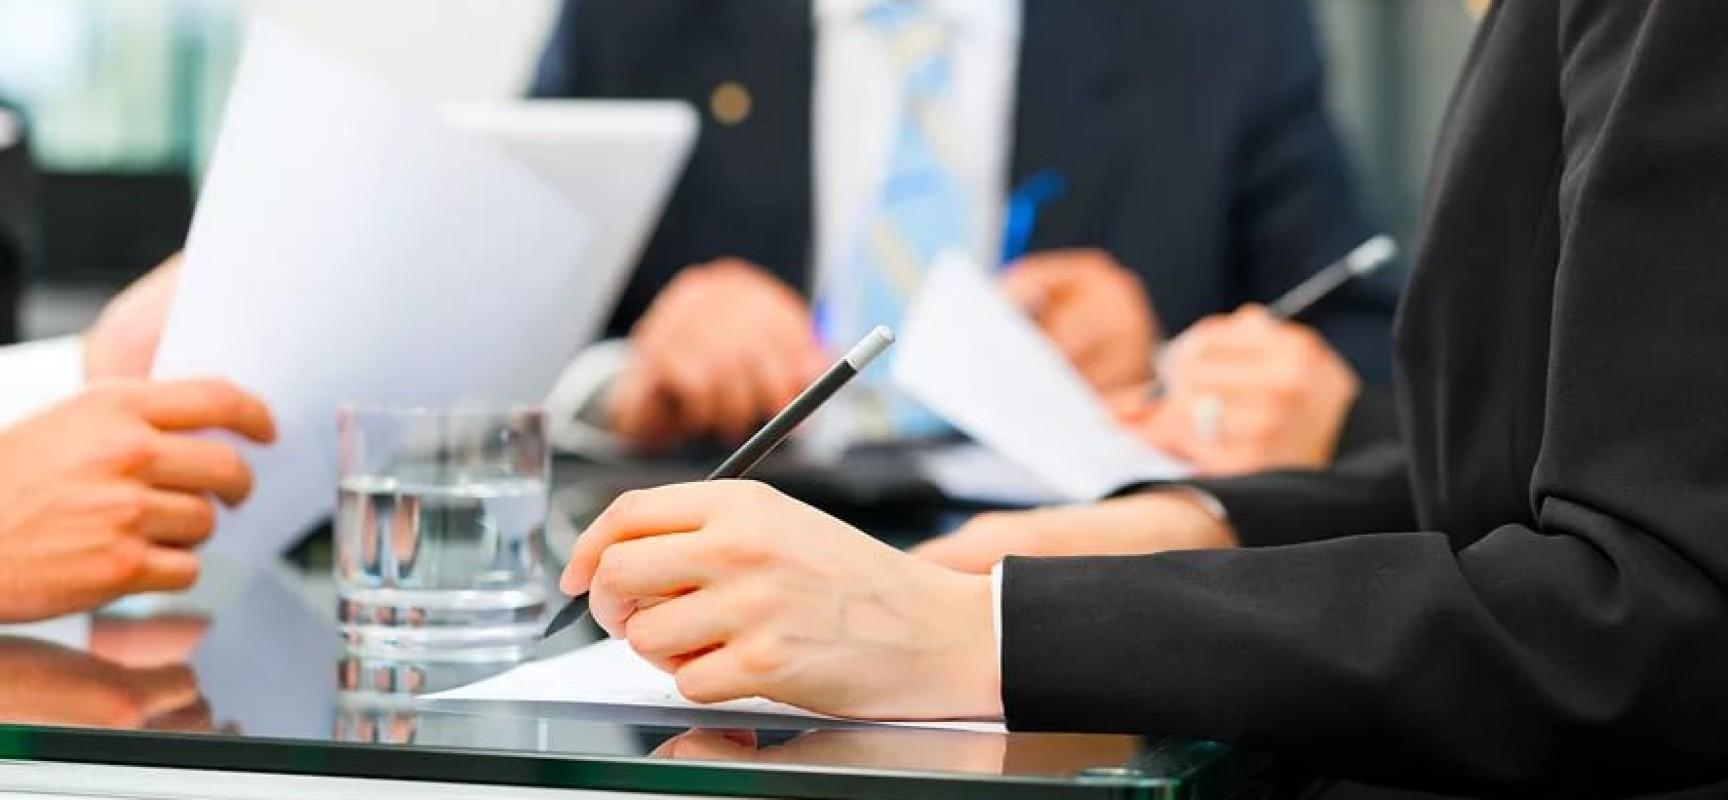 На какой максимально срок можно заключить коллективный договор?